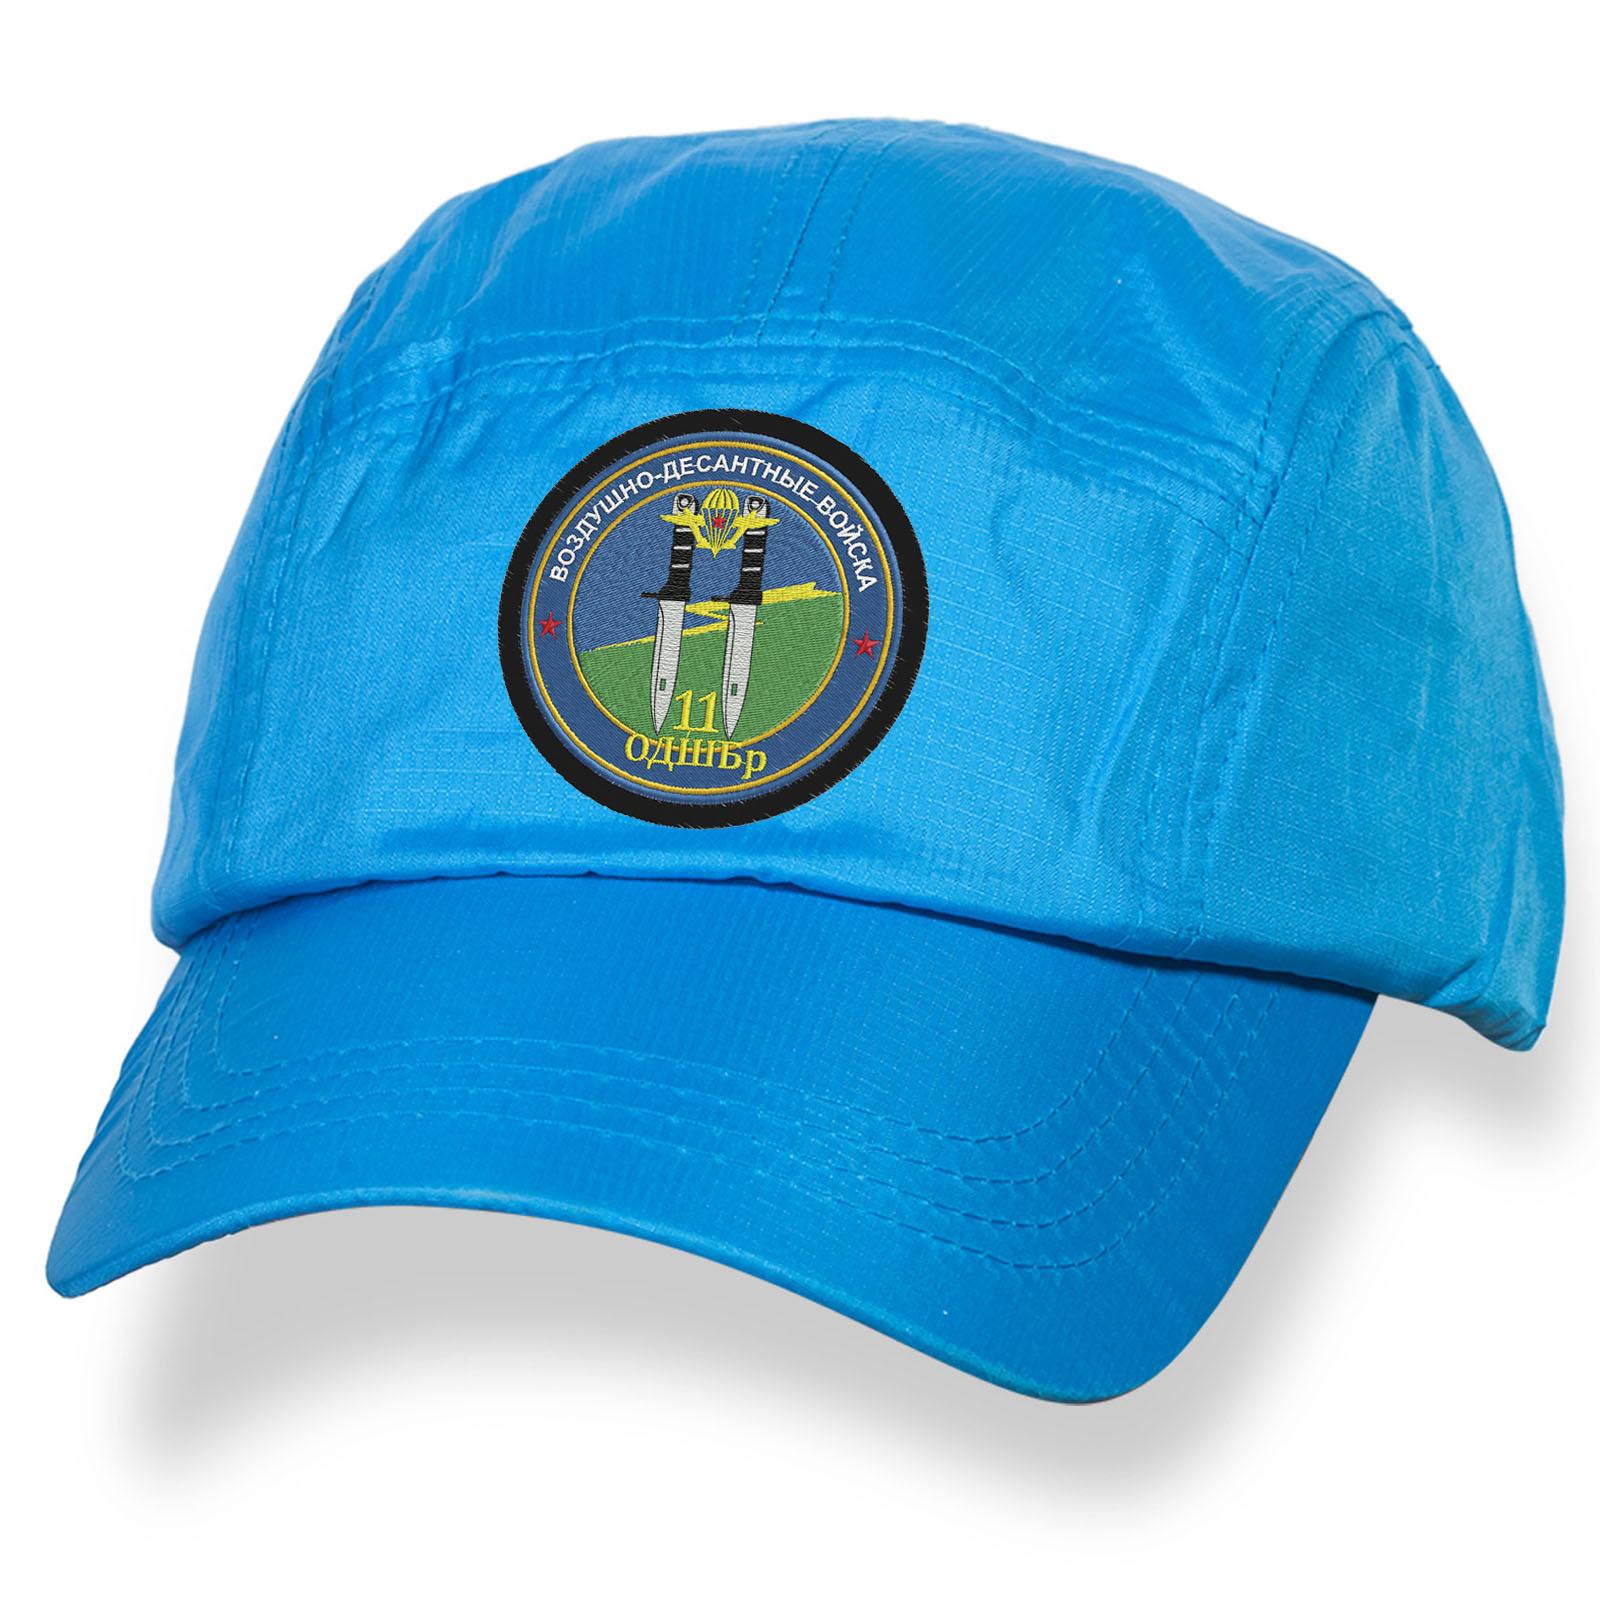 Классическая кепка с эмблемой 11 ОДШБр купить онлайн